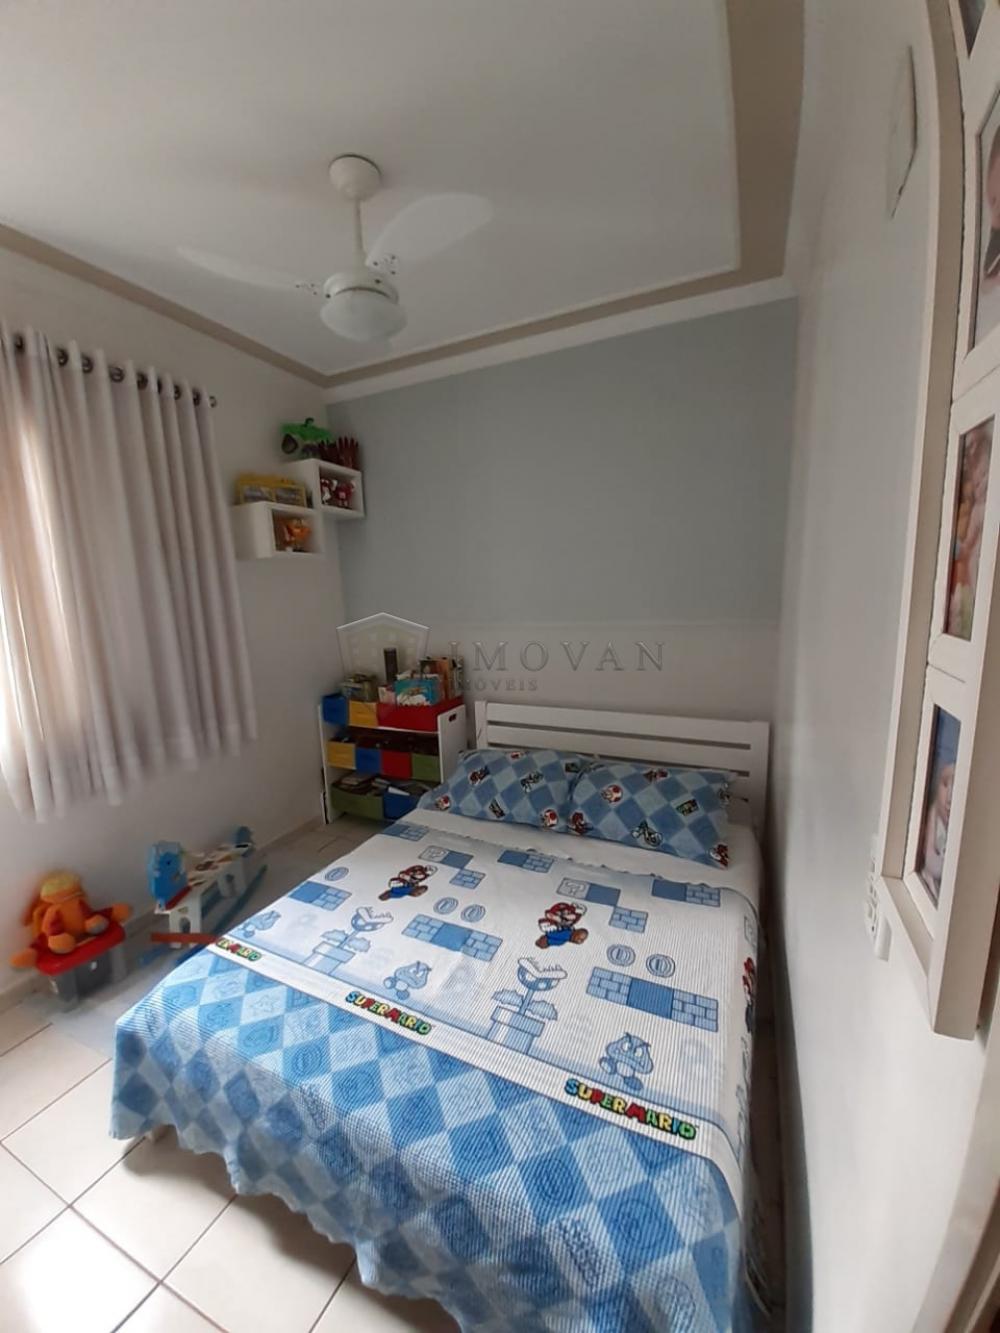 Comprar Apartamento / Padrão em Ribeirão Preto apenas R$ 460.000,00 - Foto 9